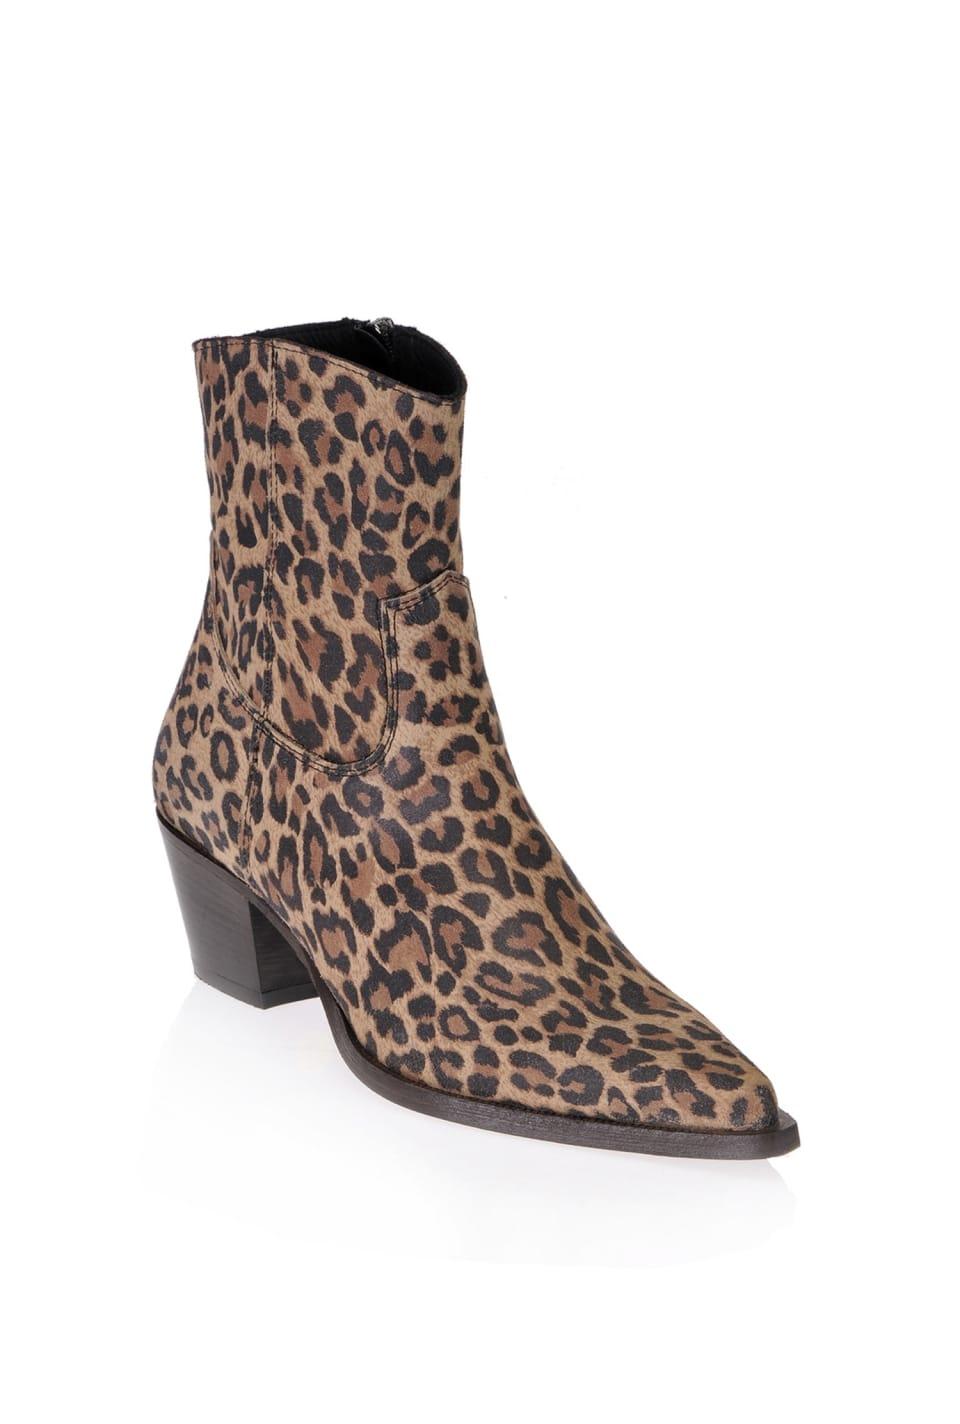 Leopard print cowboy ankle boots